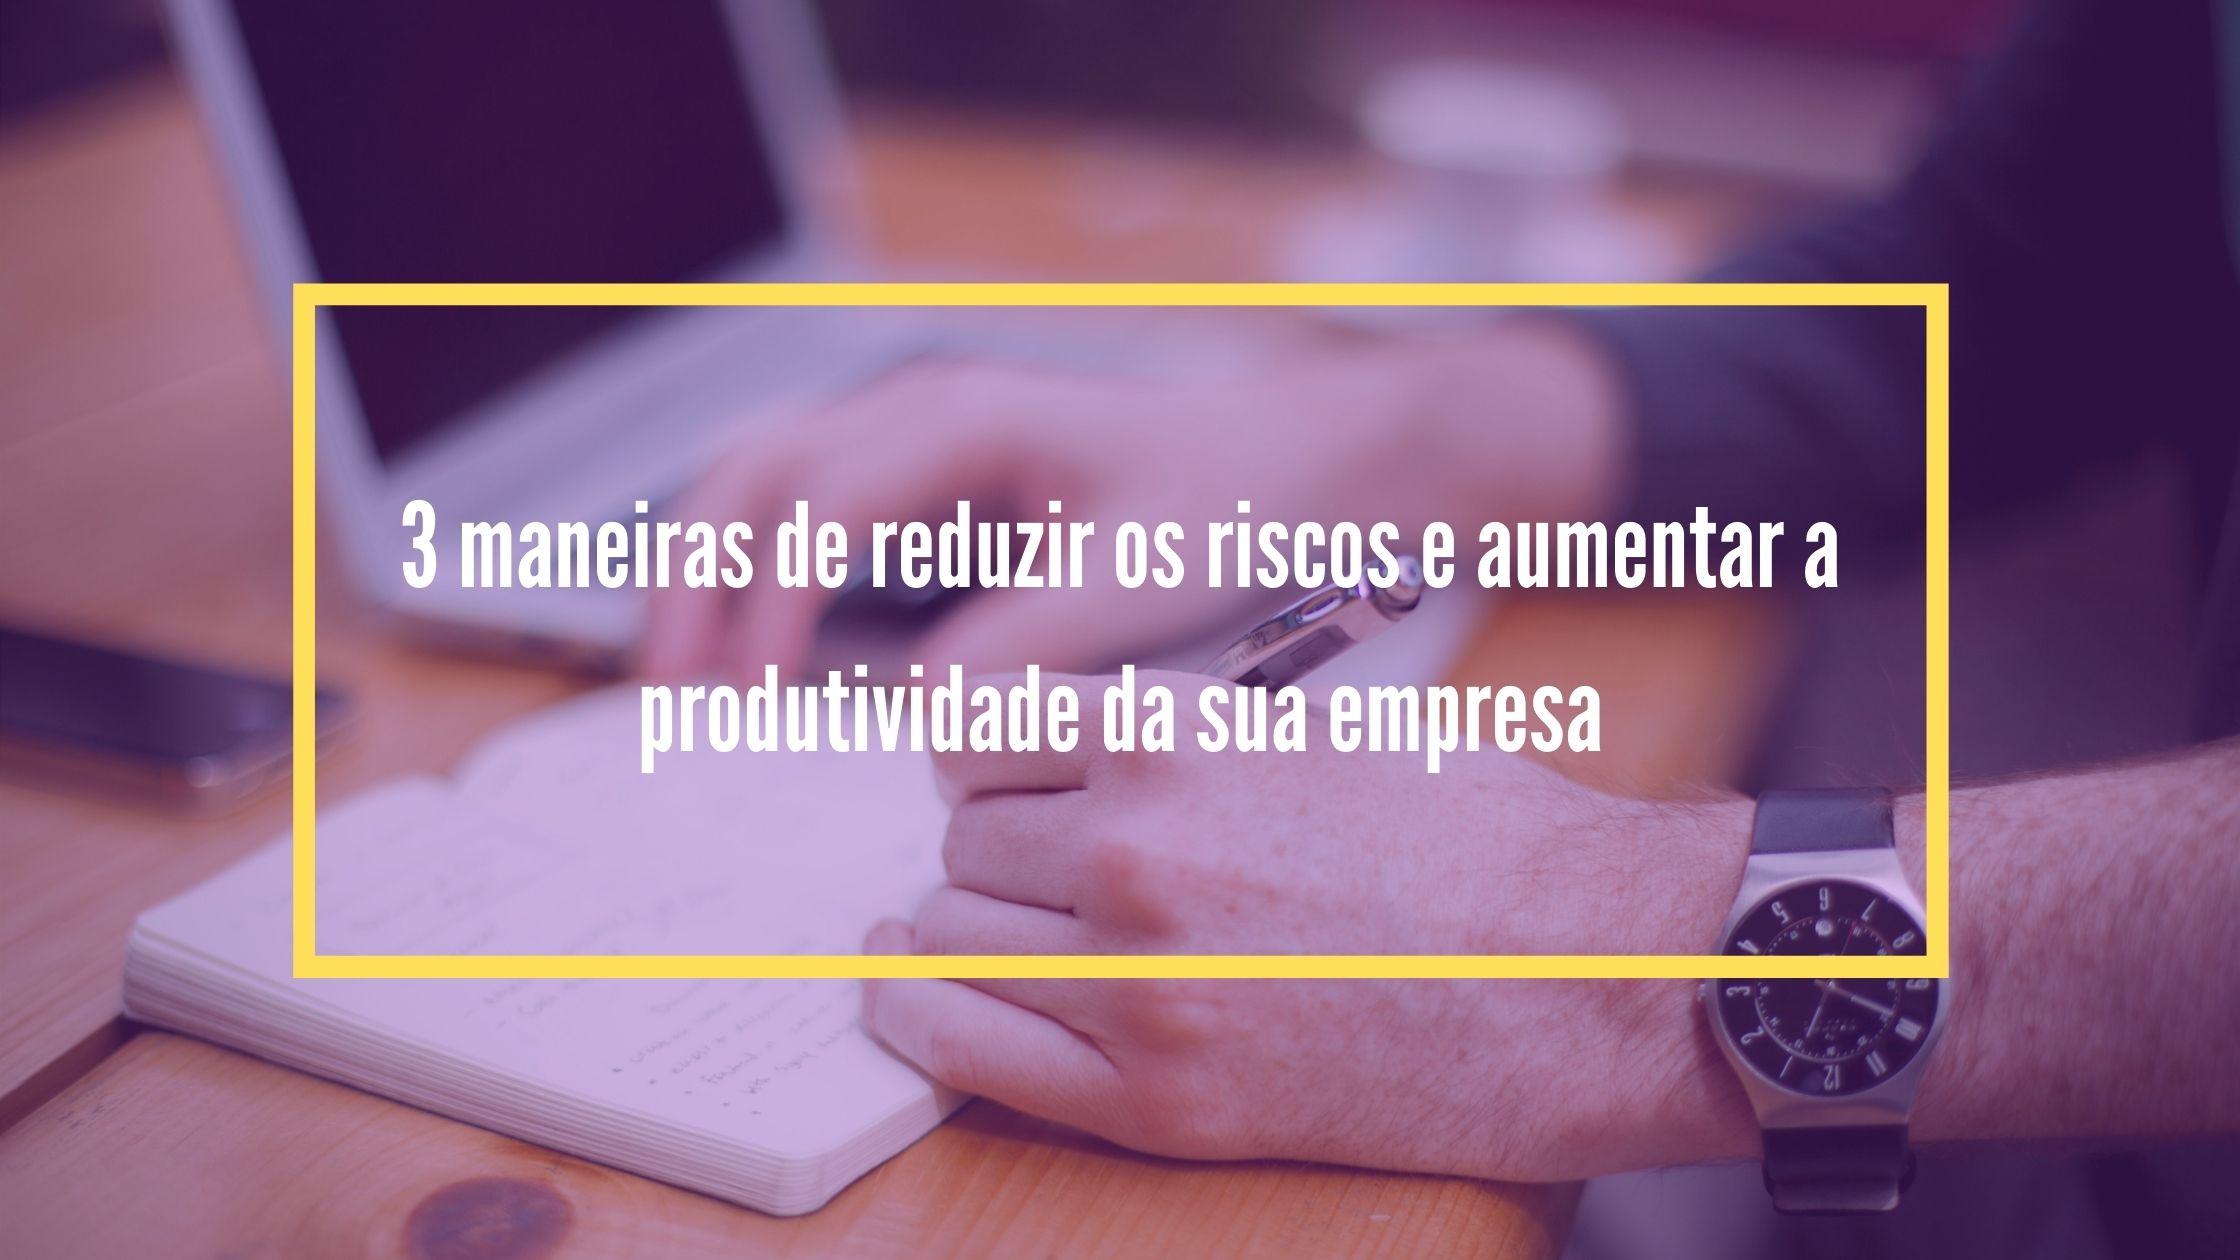 3 maneiras de reduzir os riscos e aumentar a produtividade da sua empresa